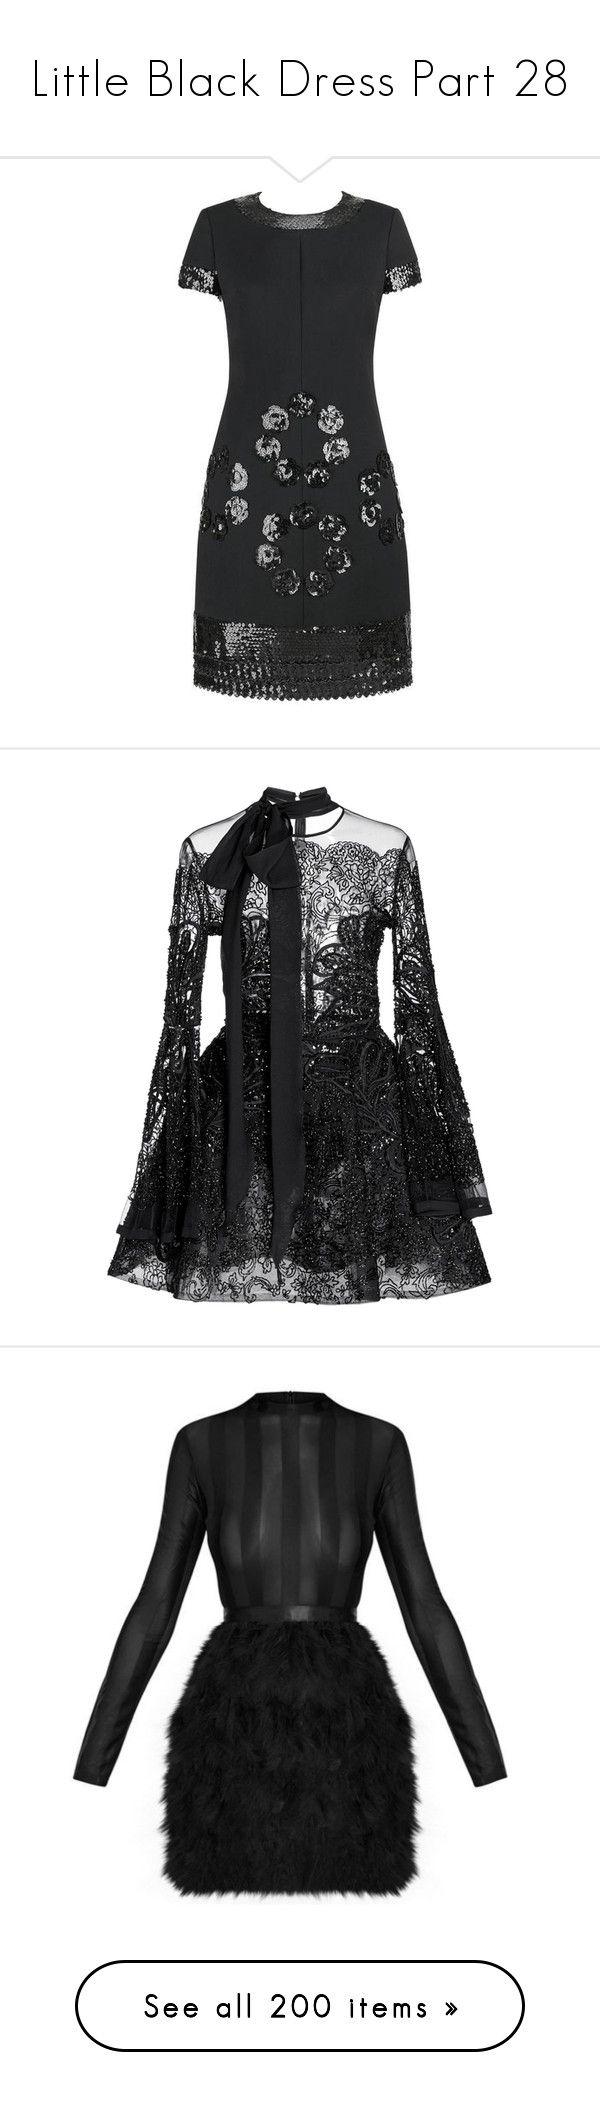 Little black dress part